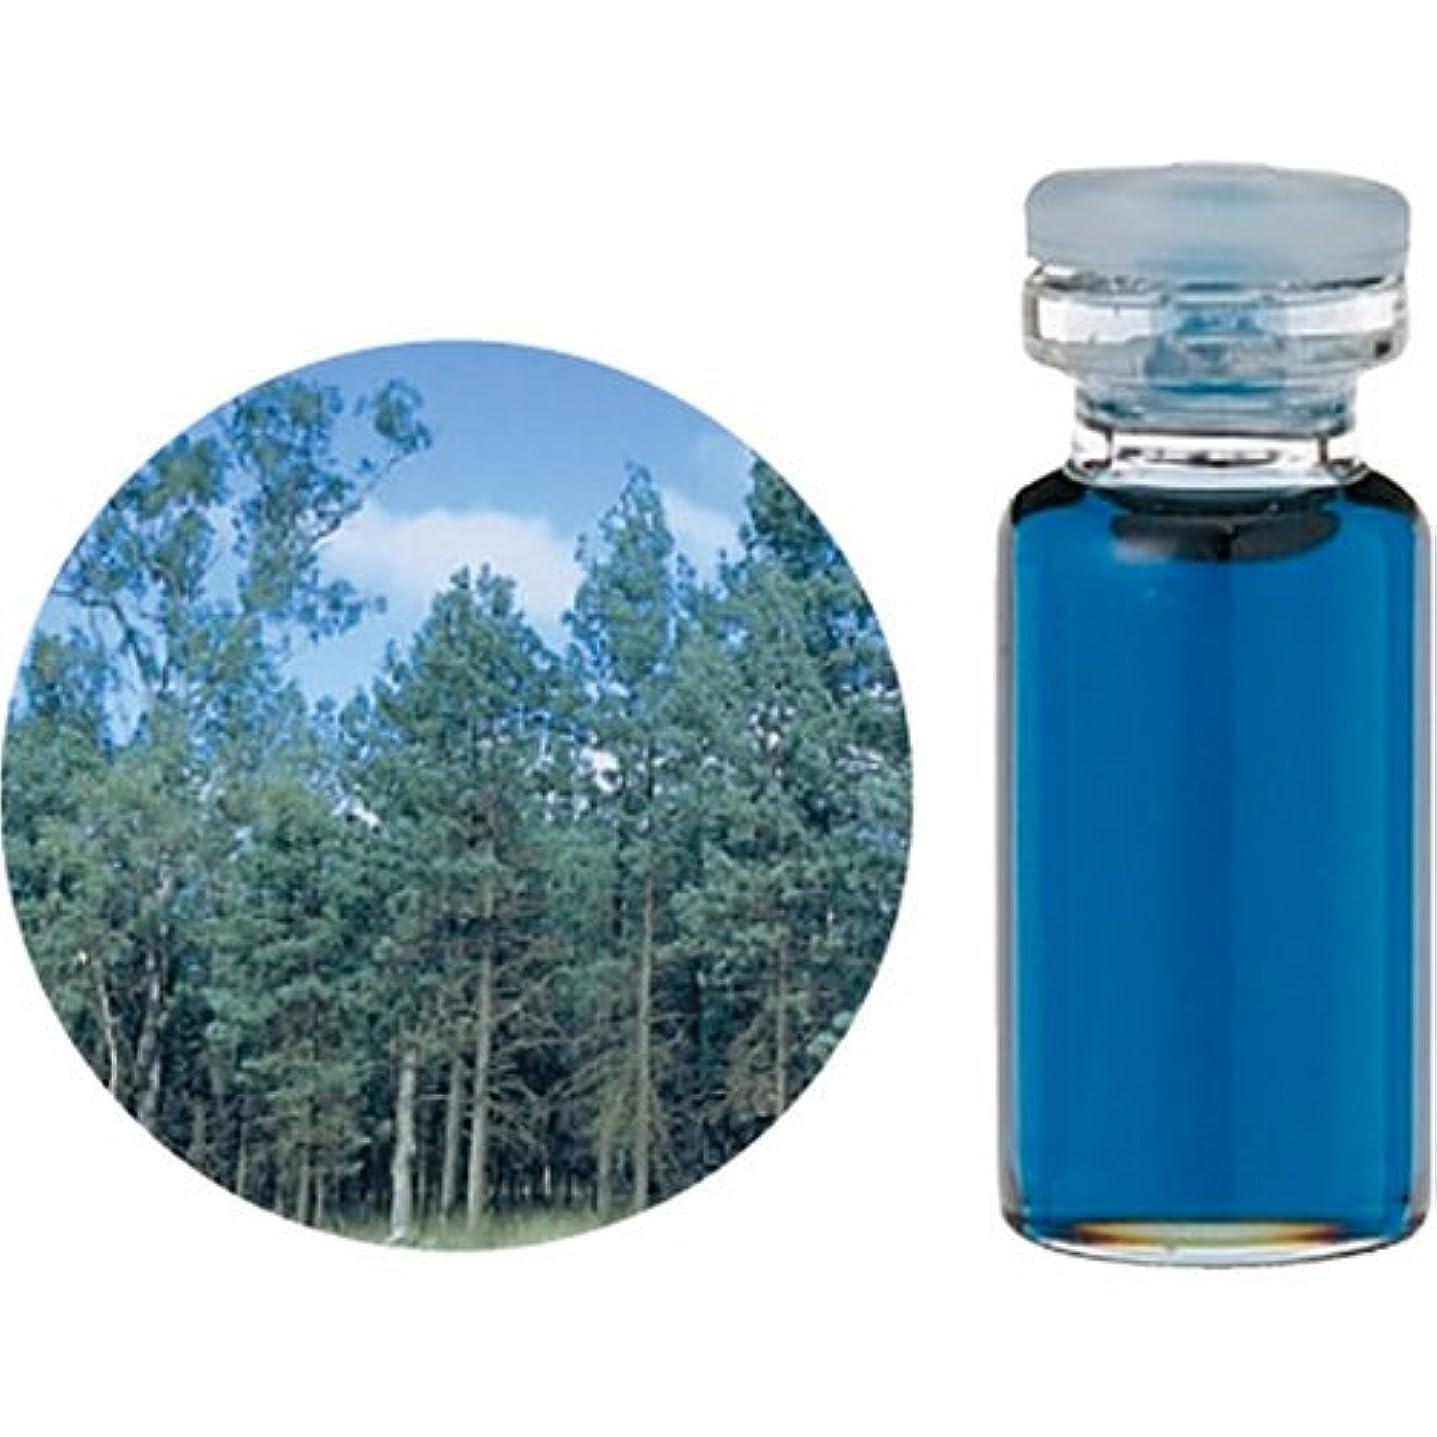 弾薬引き金ハウジング生活の木 C ブルー サイプレス エッセンシャルオイル 10ml